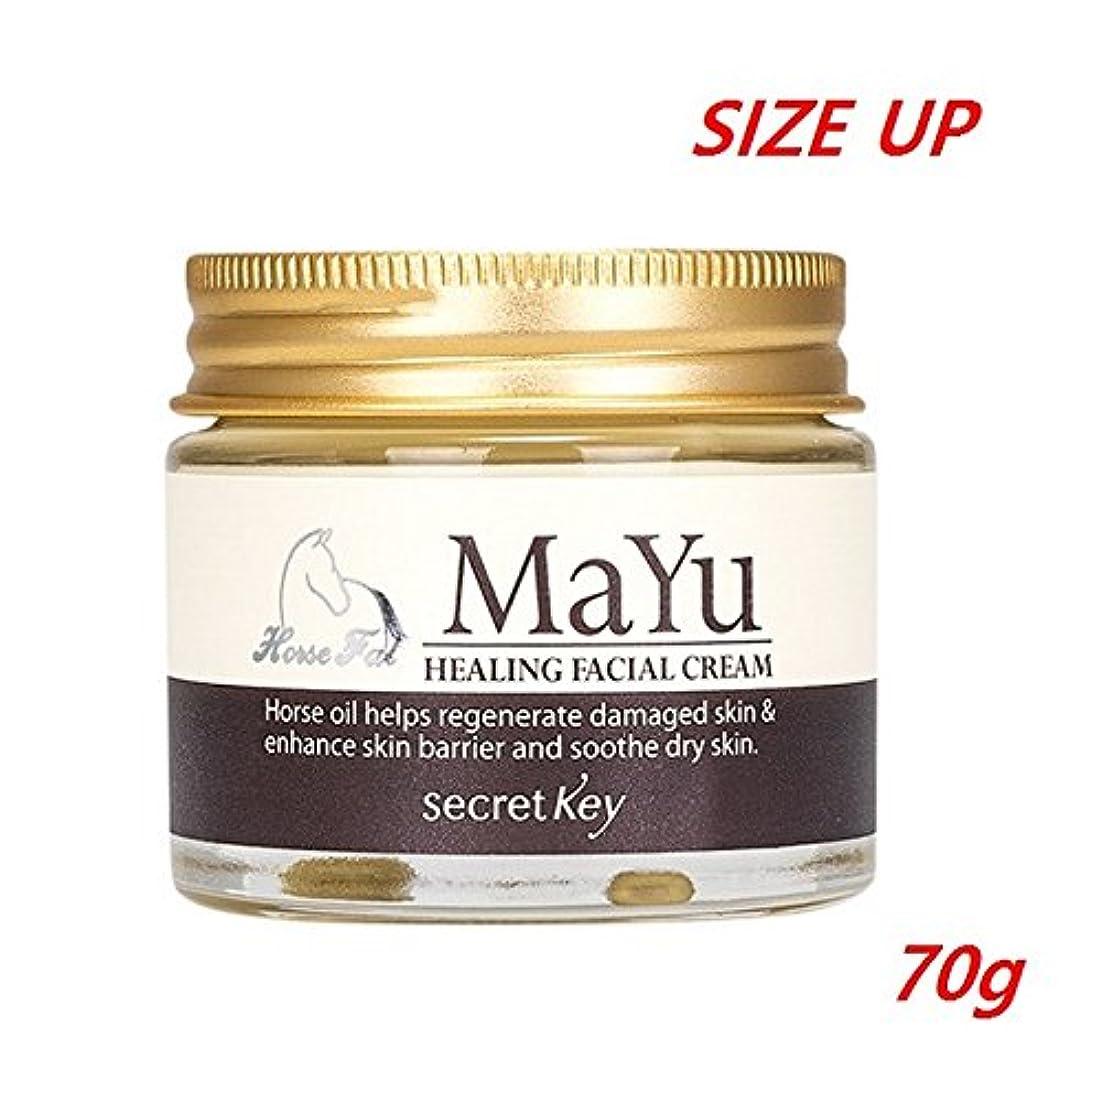 遺産結婚した笑シークレットキー 馬油 ヒーリング フェイシャル クリーム/Secret Key Mayu Healing Facial Cream 70g Size Up(50g to 70g Up Grade) [並行輸入品]